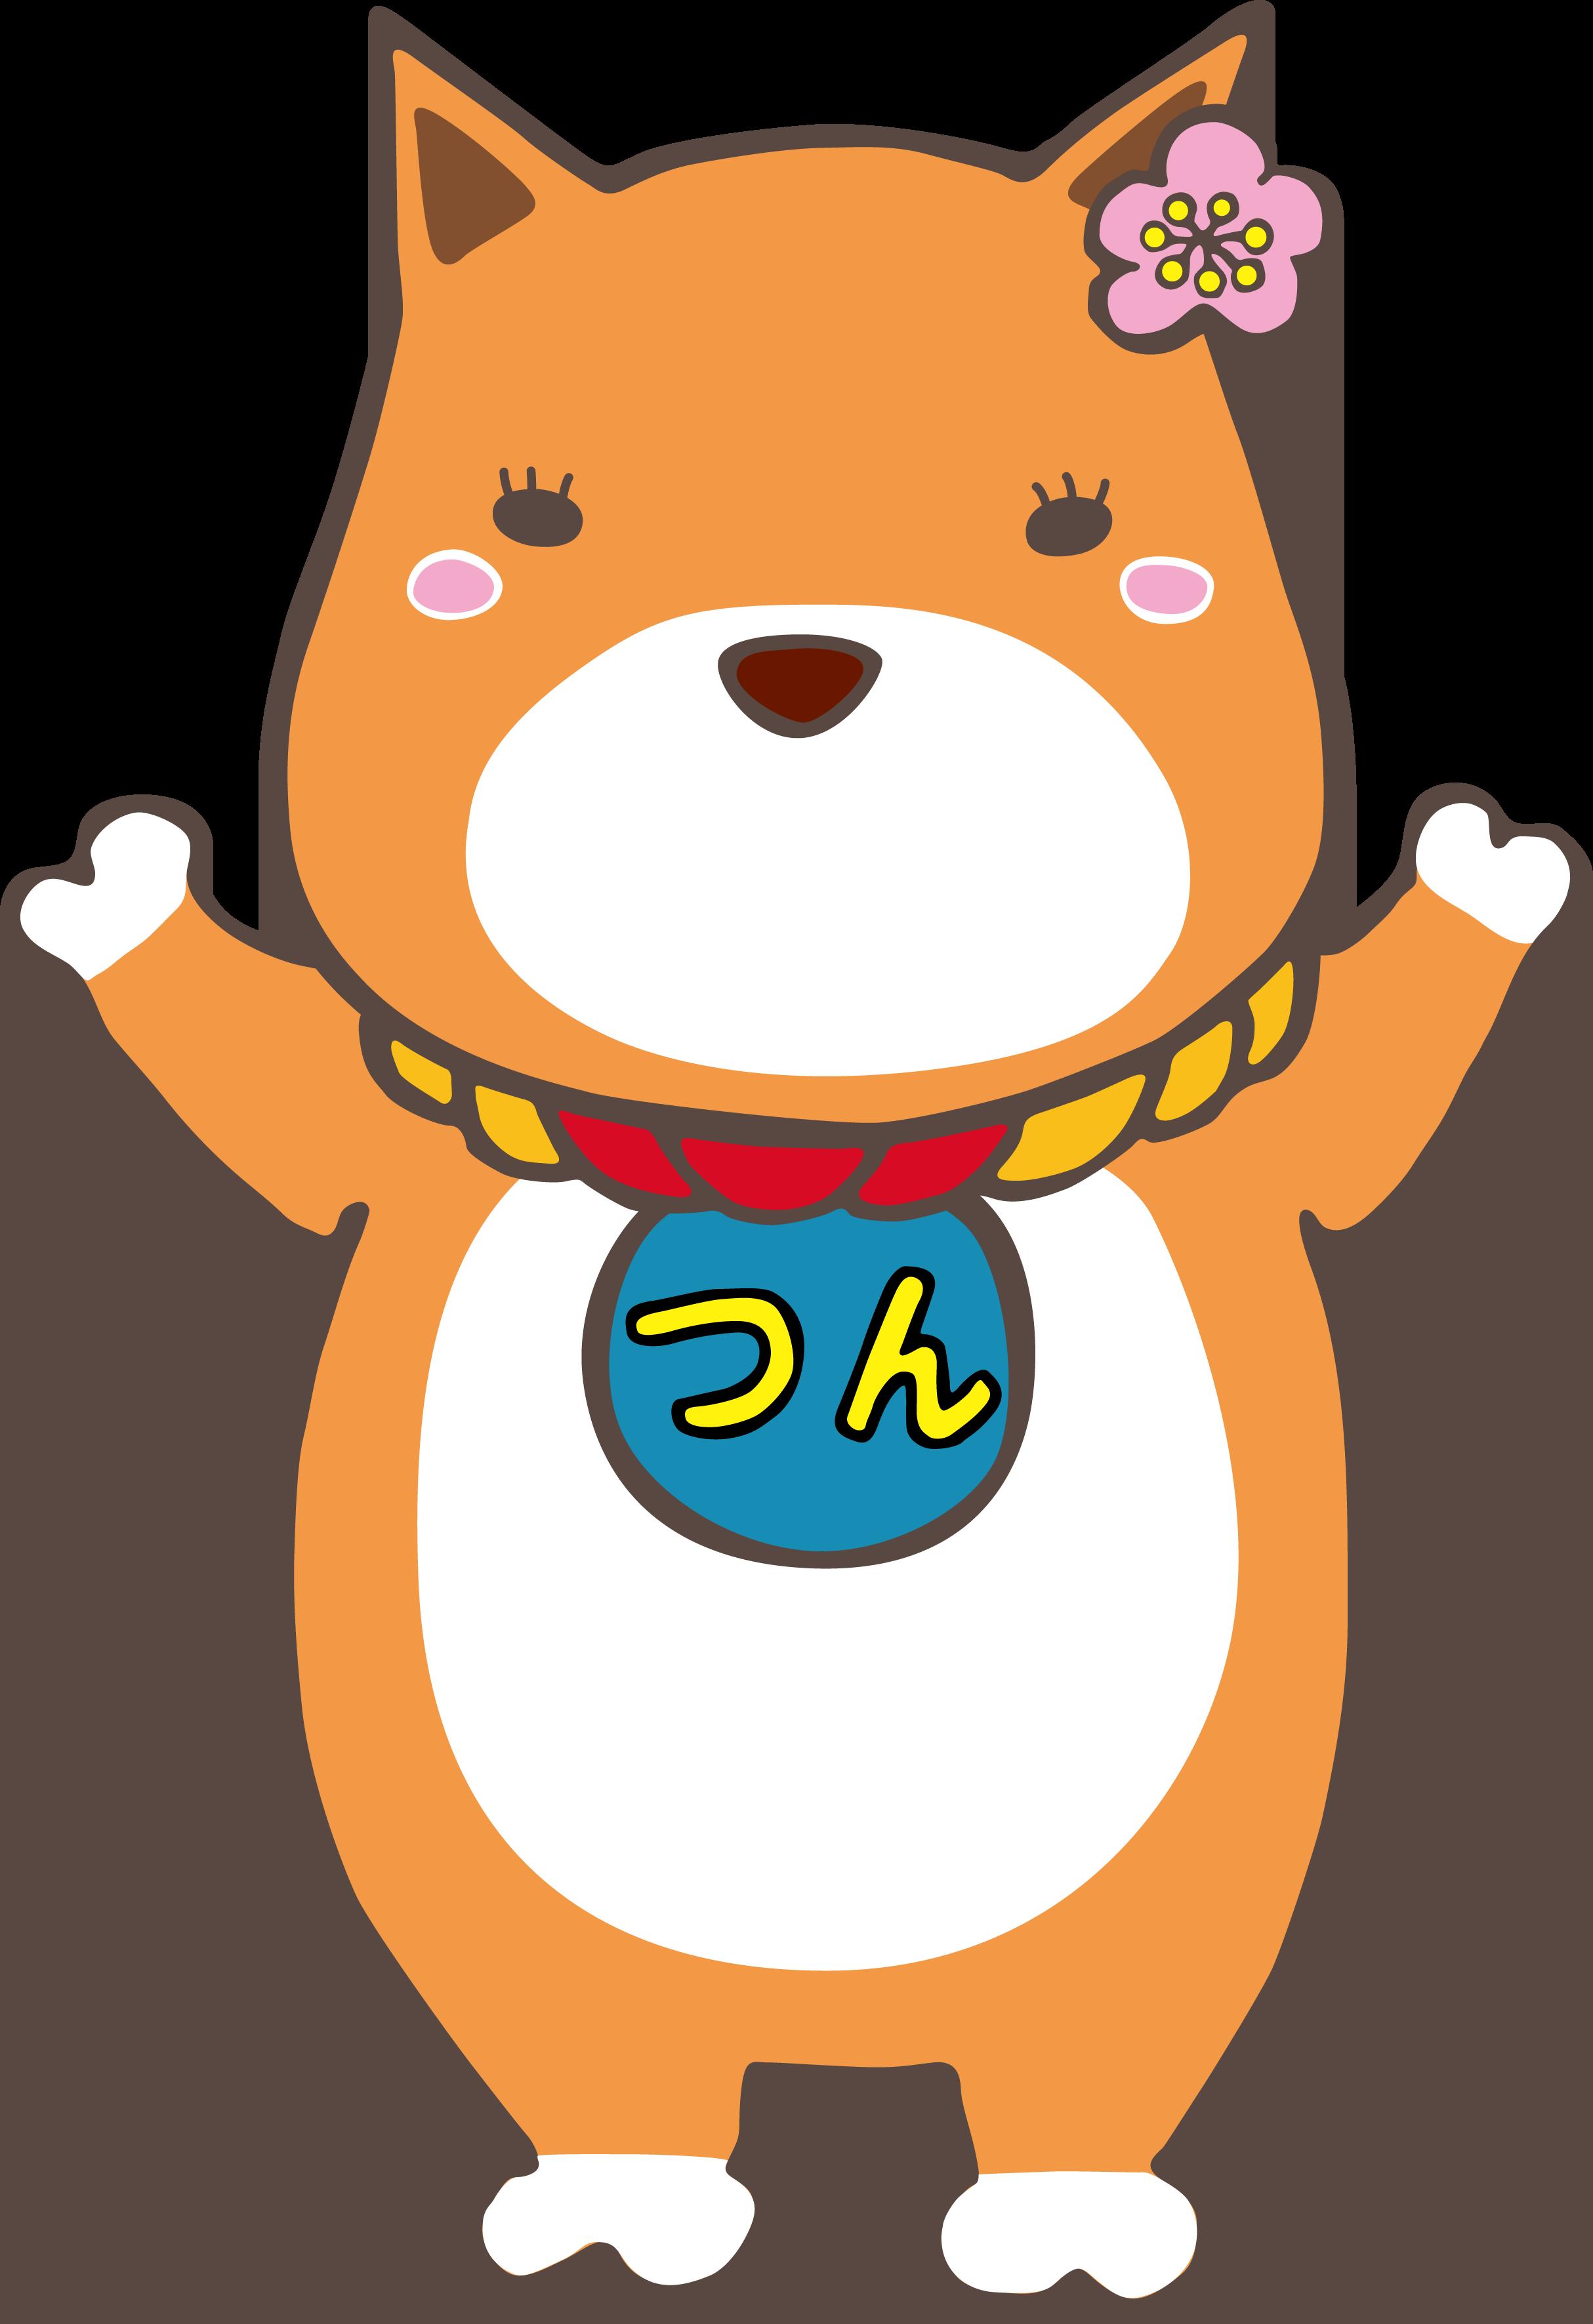 年賀状に西郷さんの愛犬「つん」を使おう! (12/6 イラスト追加しました!)